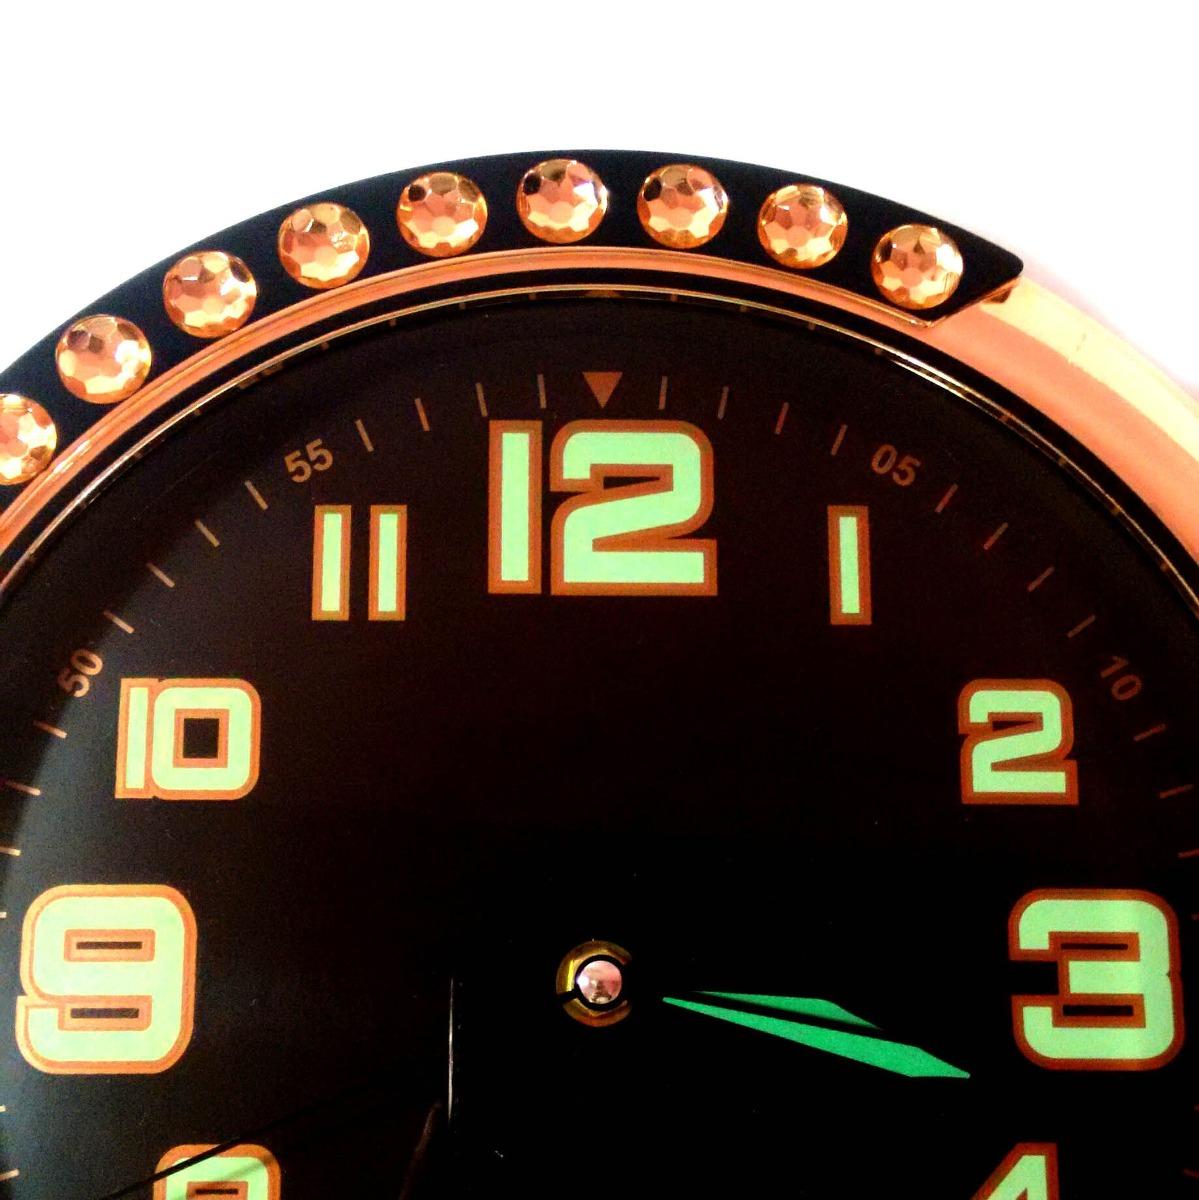 ff01649d62b relógio de parede redondo prata clássico fundo preto barato. Carregando  zoom.